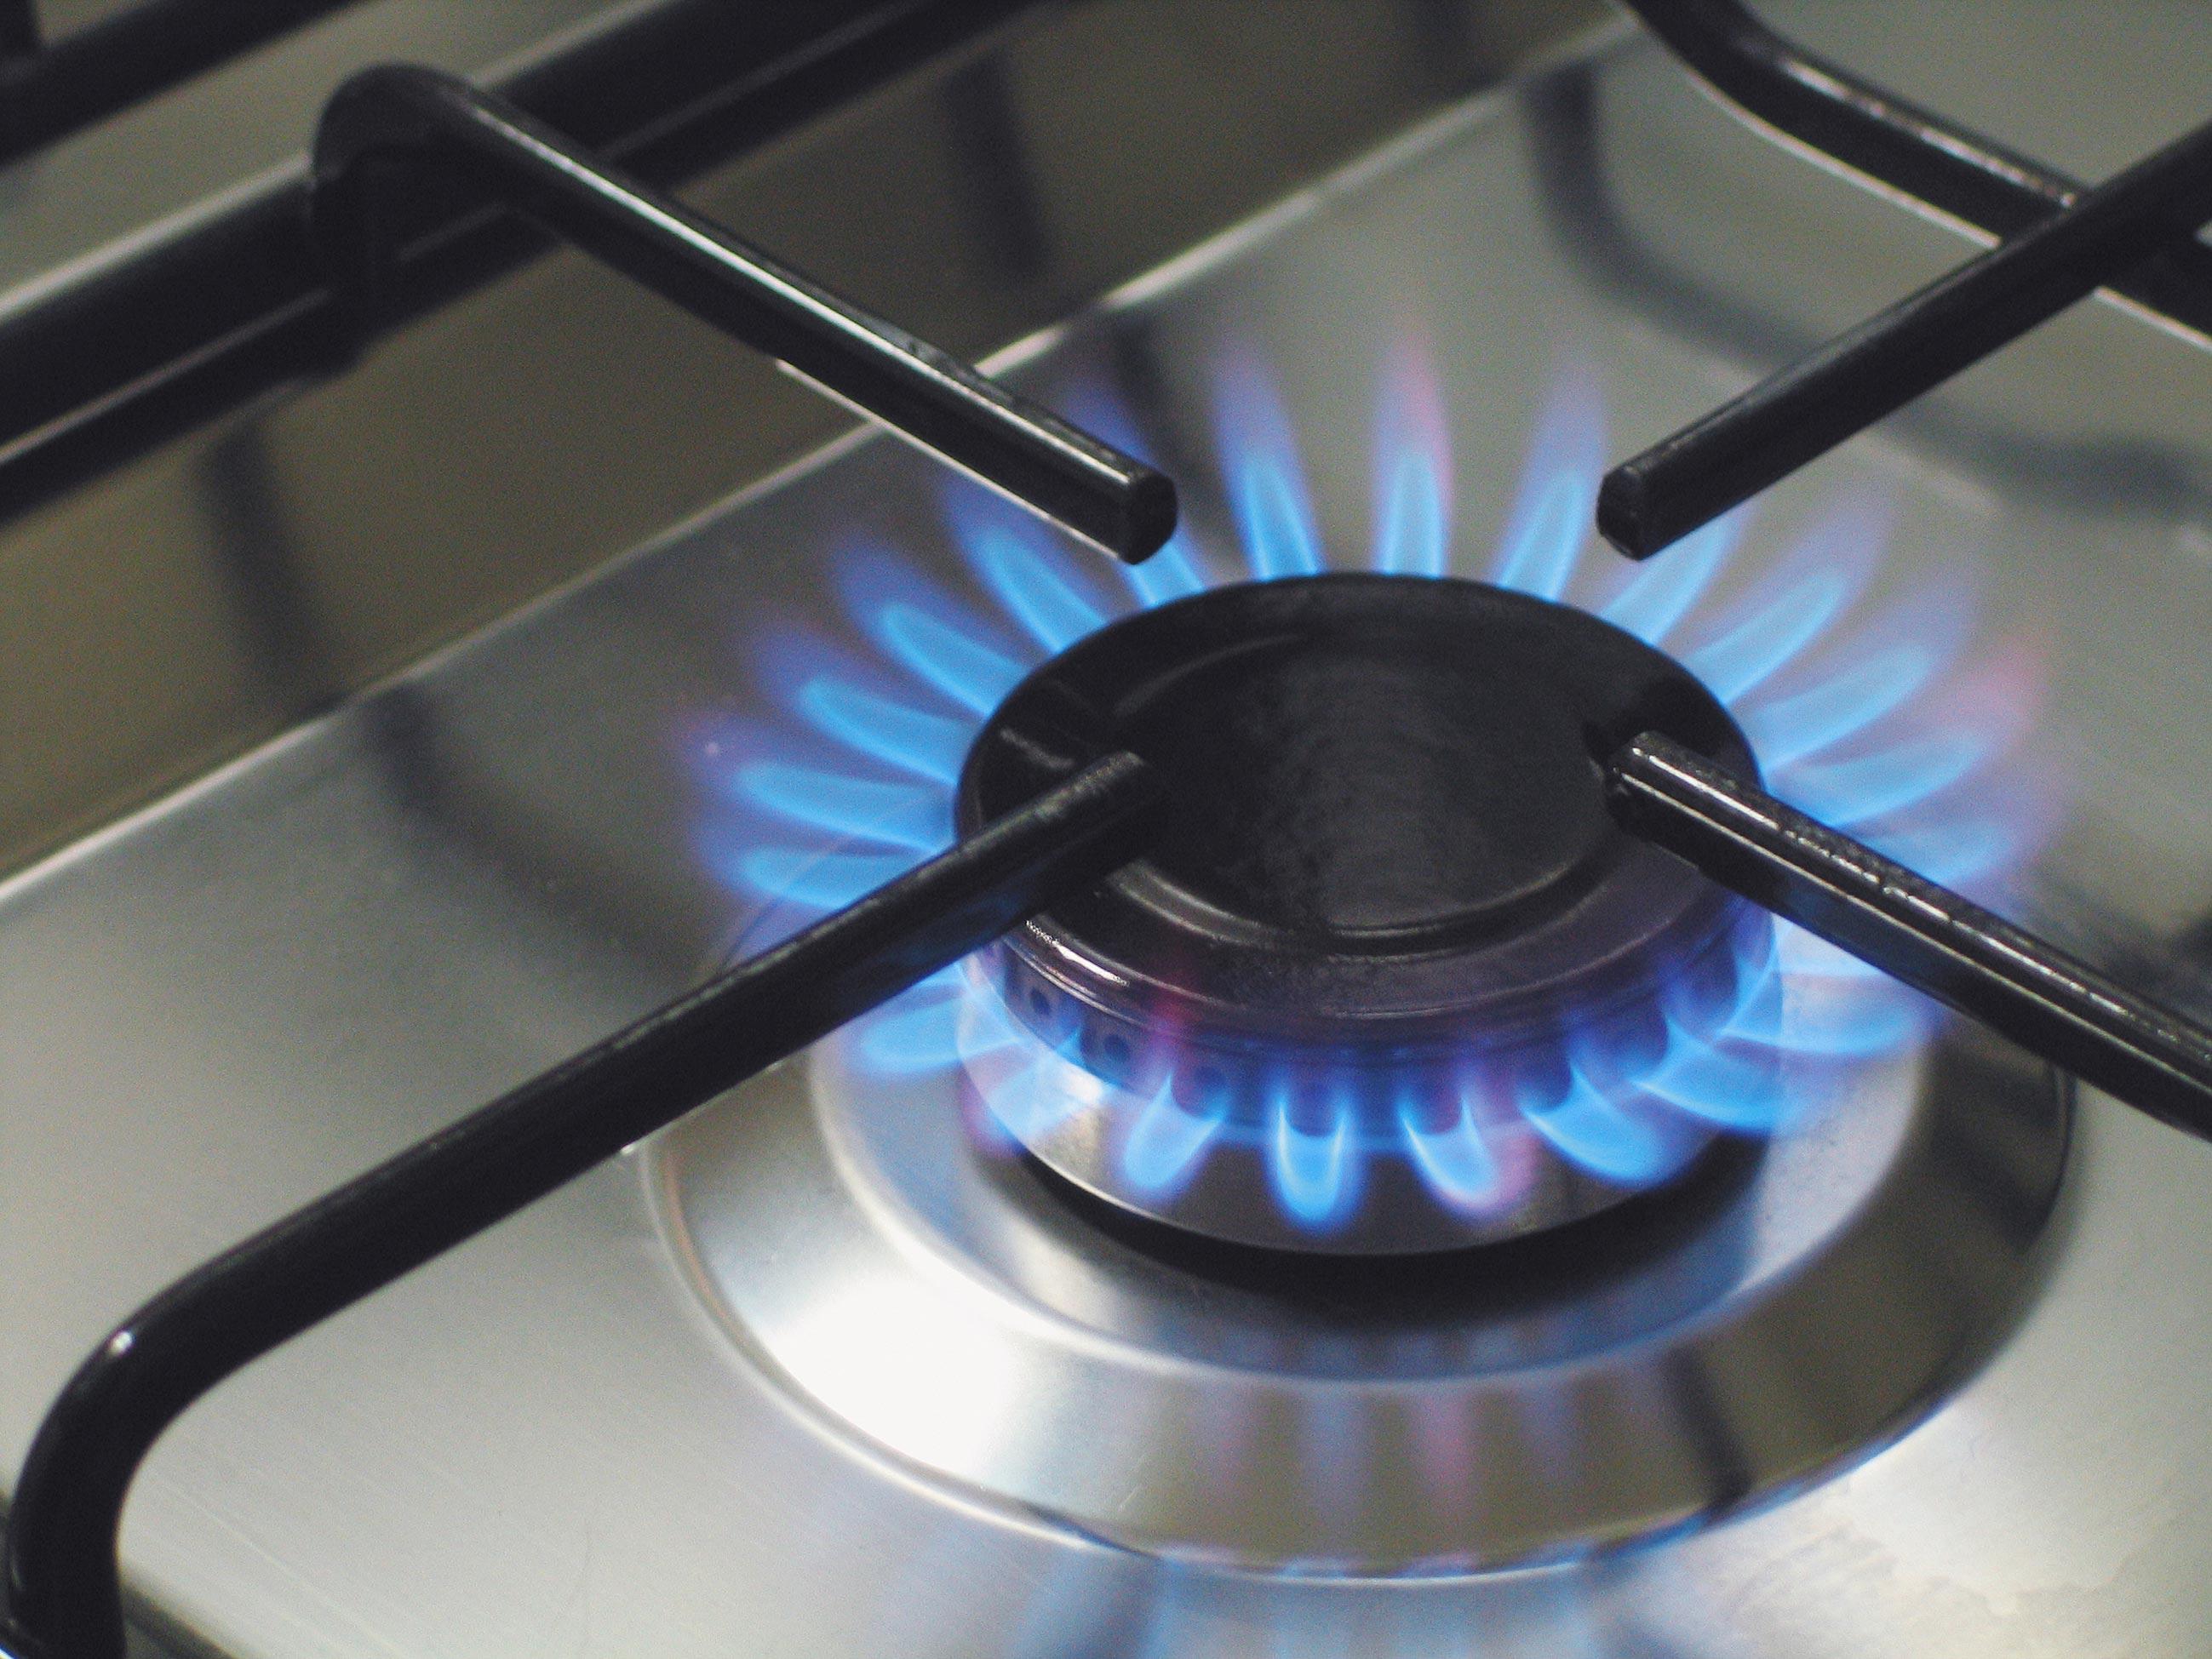 Consigli per risparmiare in cucina - Consumo gas cucina ...